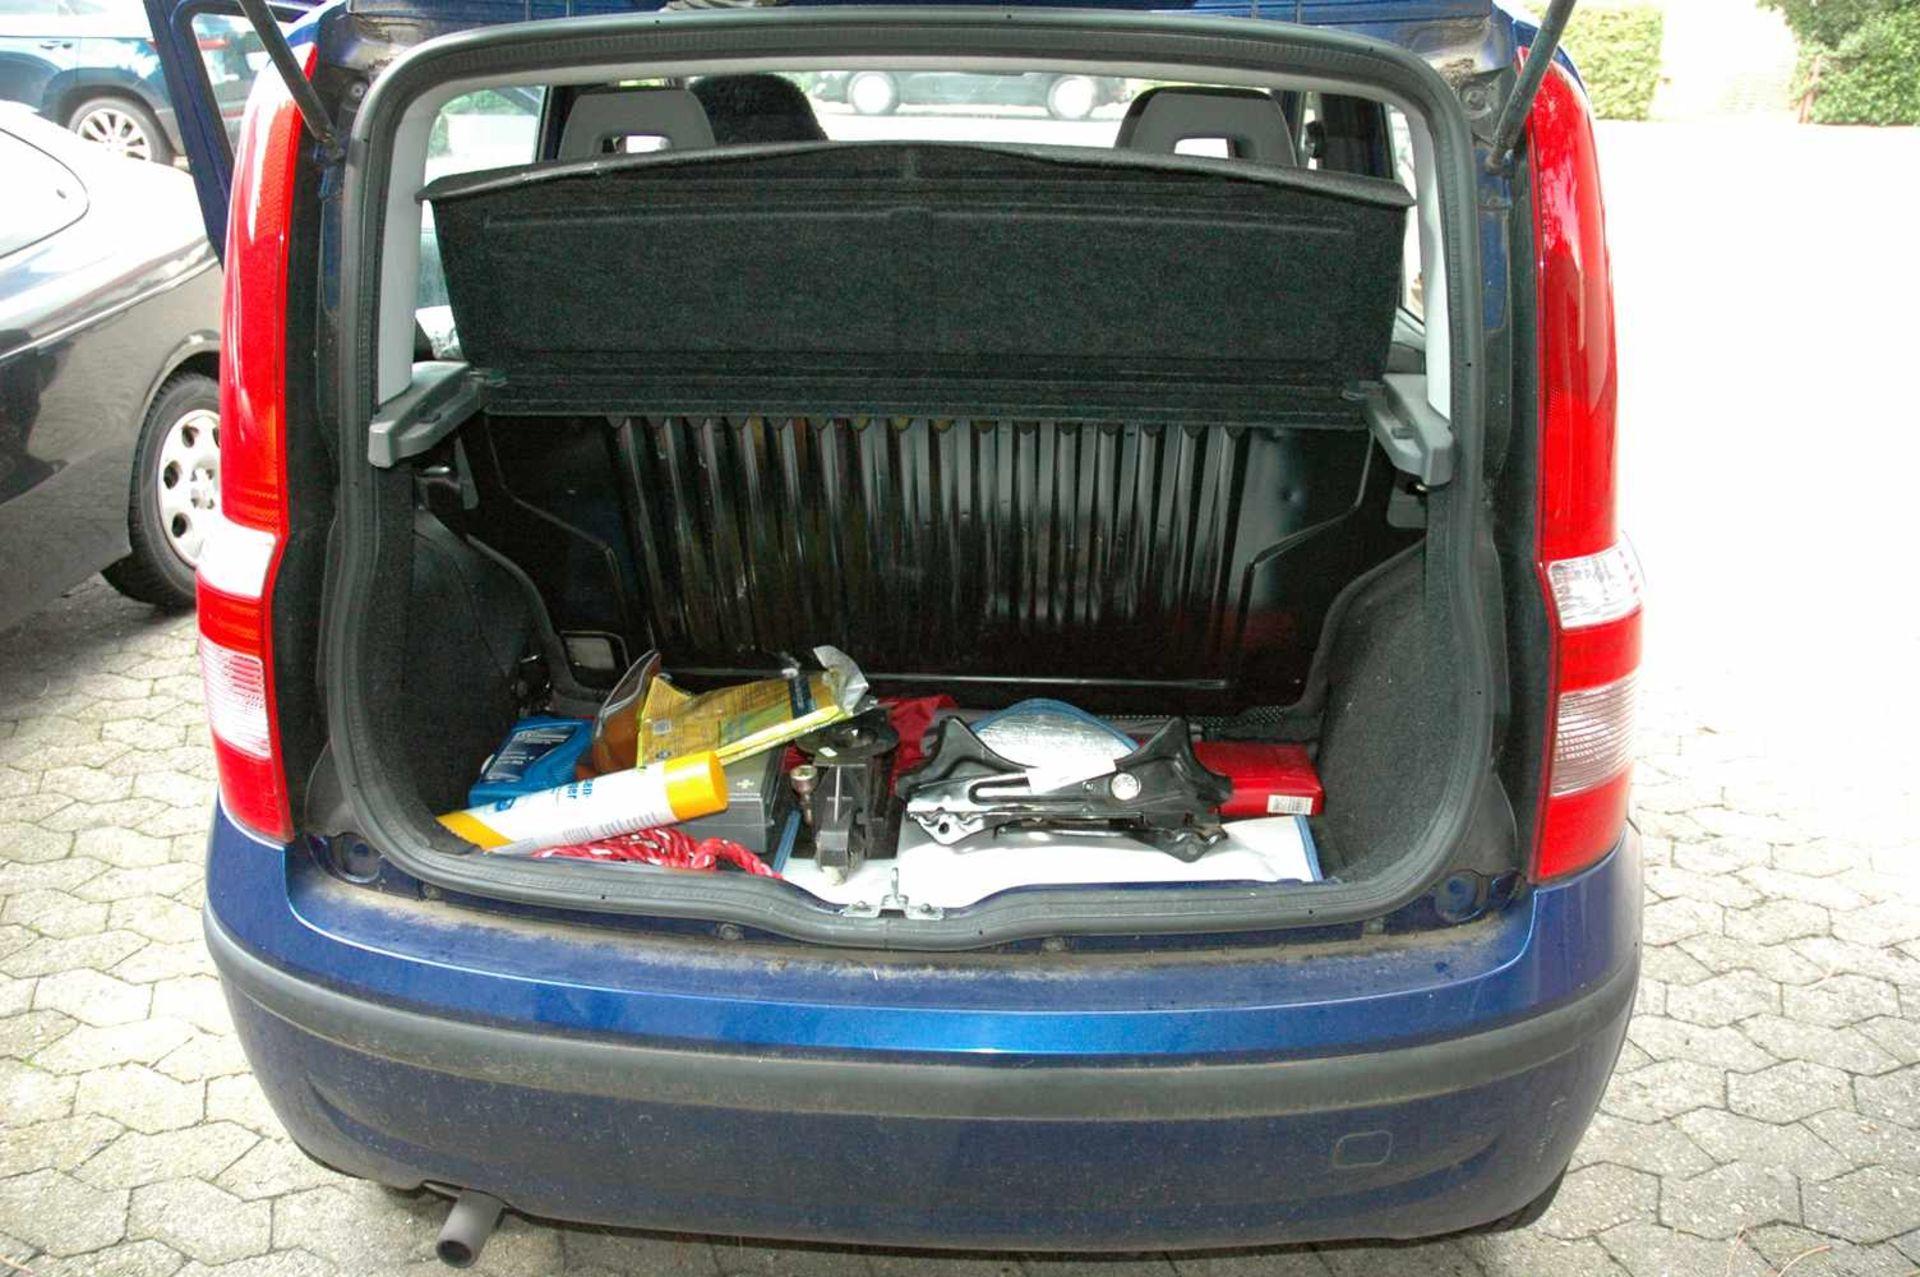 PKW, Fiat Panda, EZ 01.04.09, 40 kW, km-Stand: 130965m blau, TÜV 9/20, Benziner, Brief nicht - Bild 8 aus 9